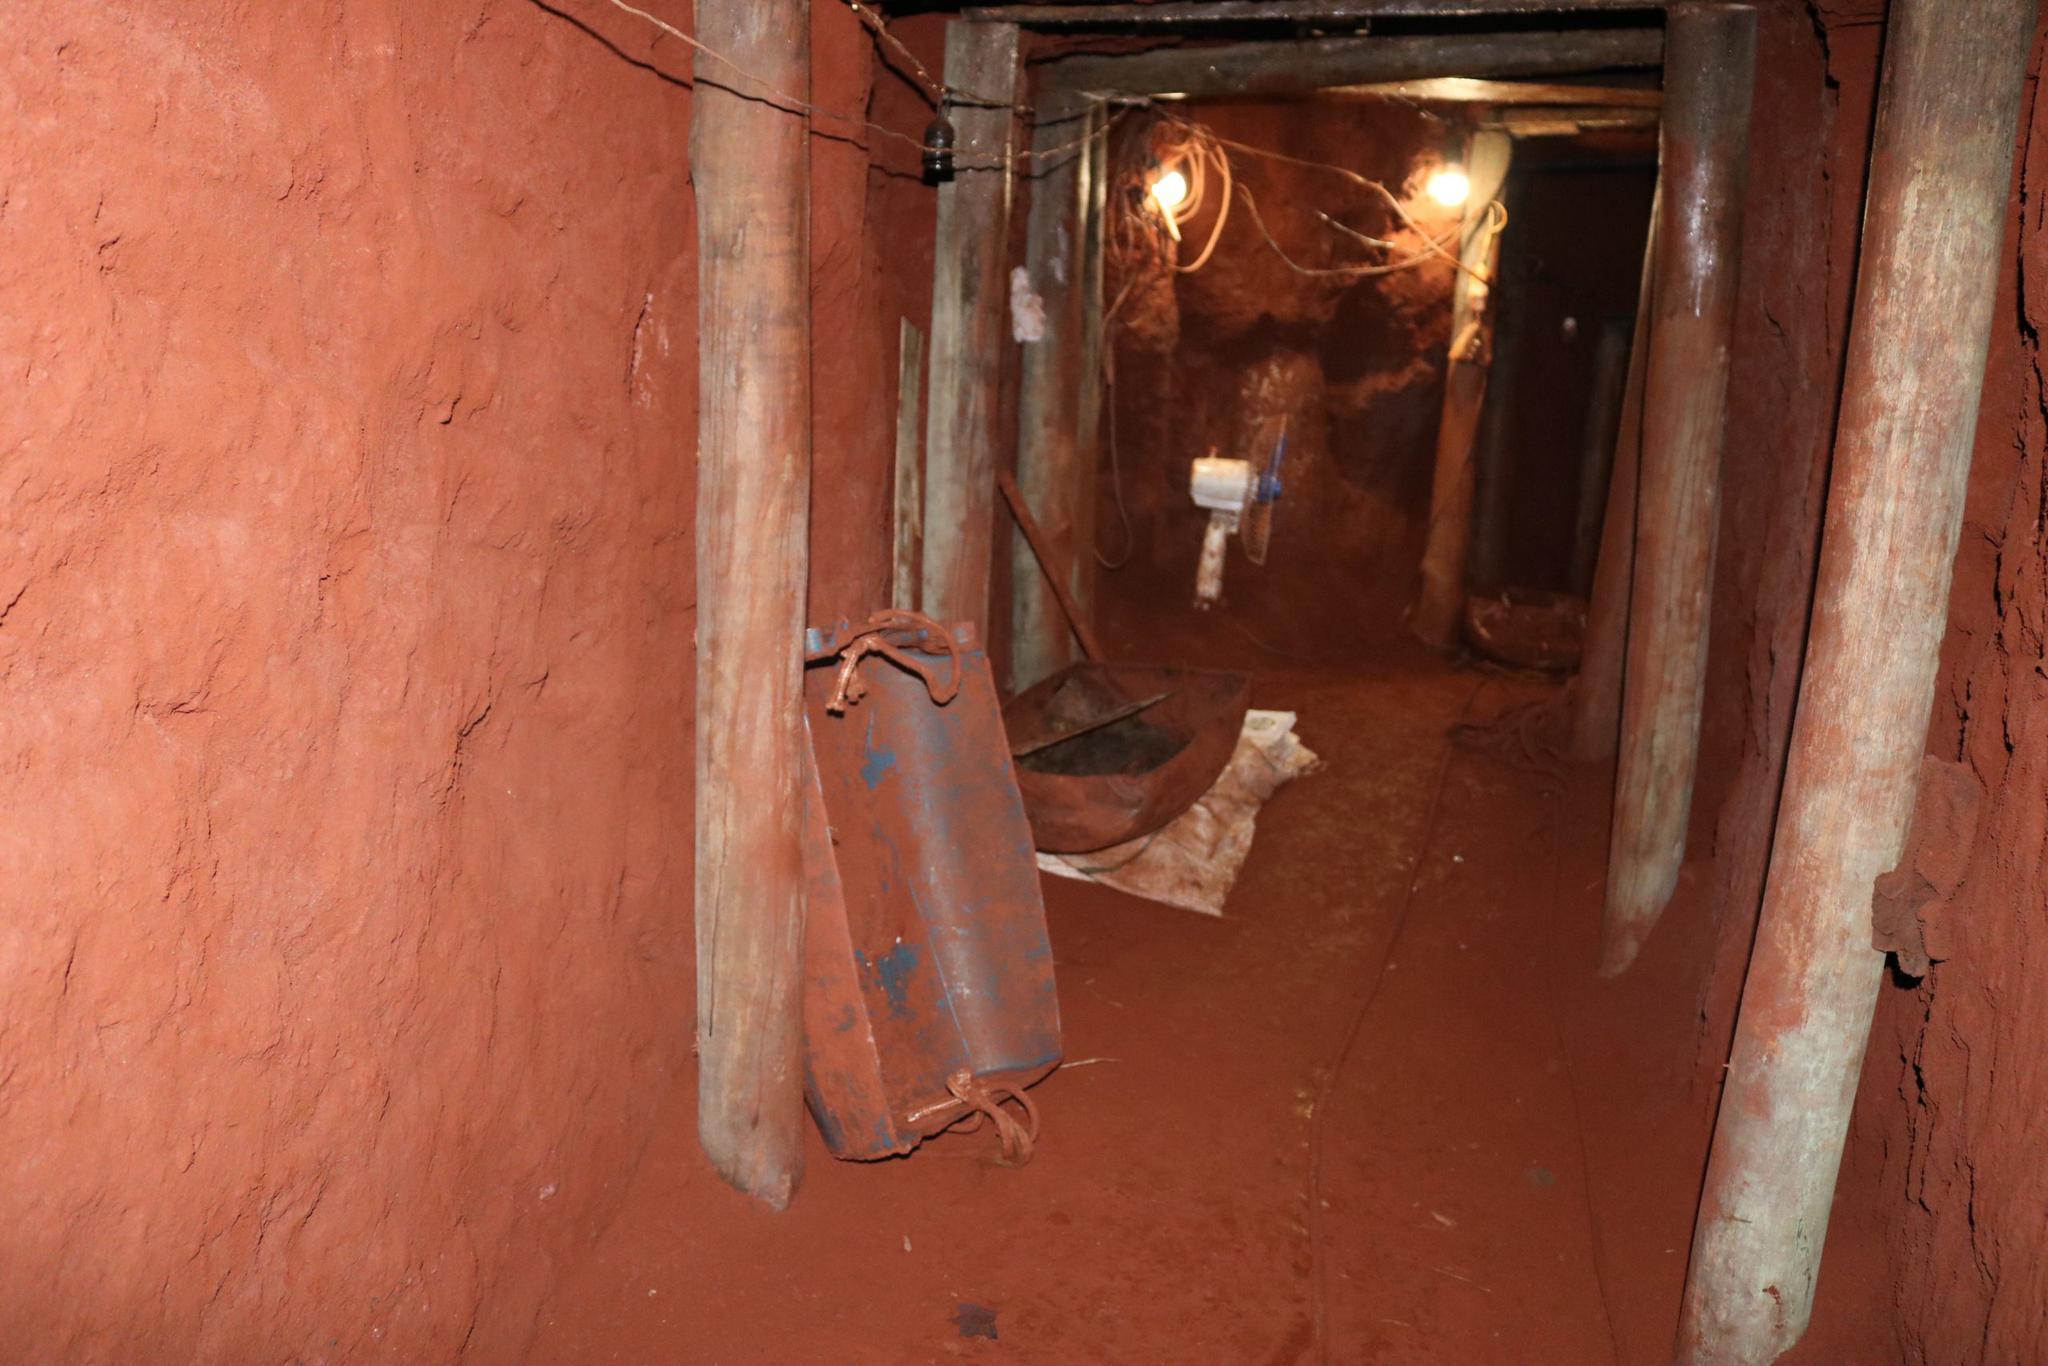 劫匪挖隧道欲抢银行 巴西警方乐成破案